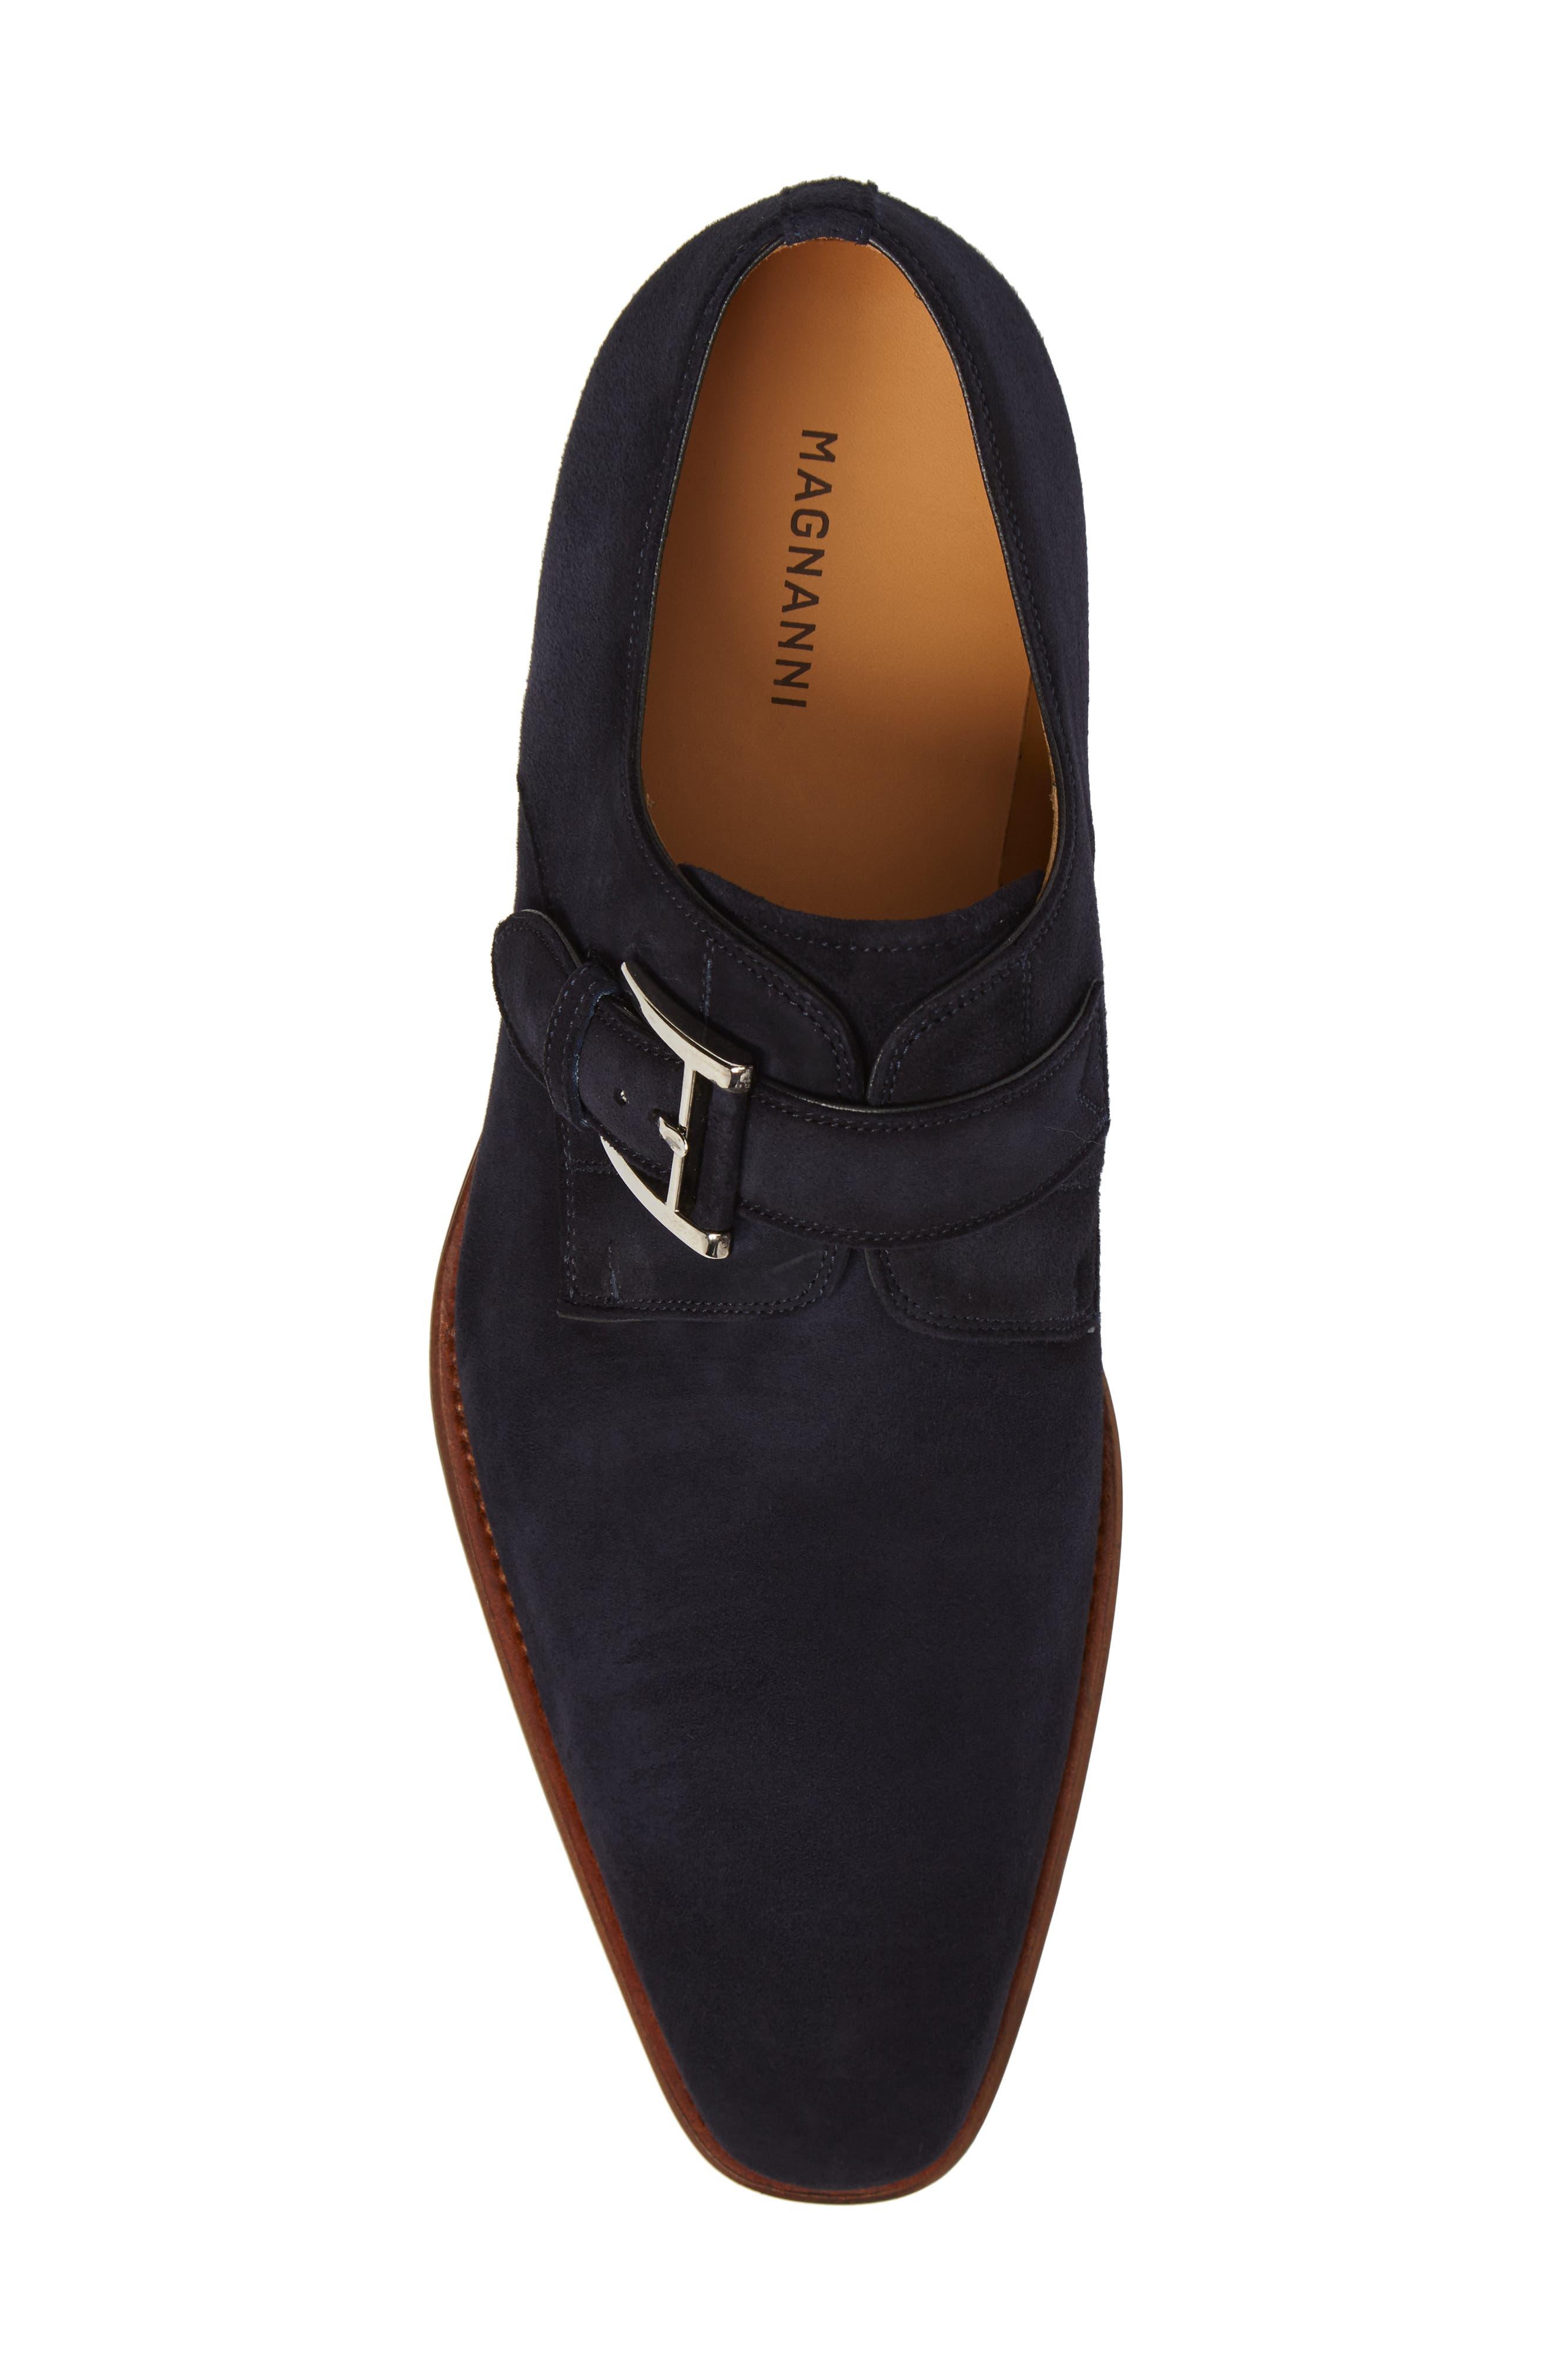 Enrique Monk Strap Shoe,                             Alternate thumbnail 5, color,                             Navy Suede